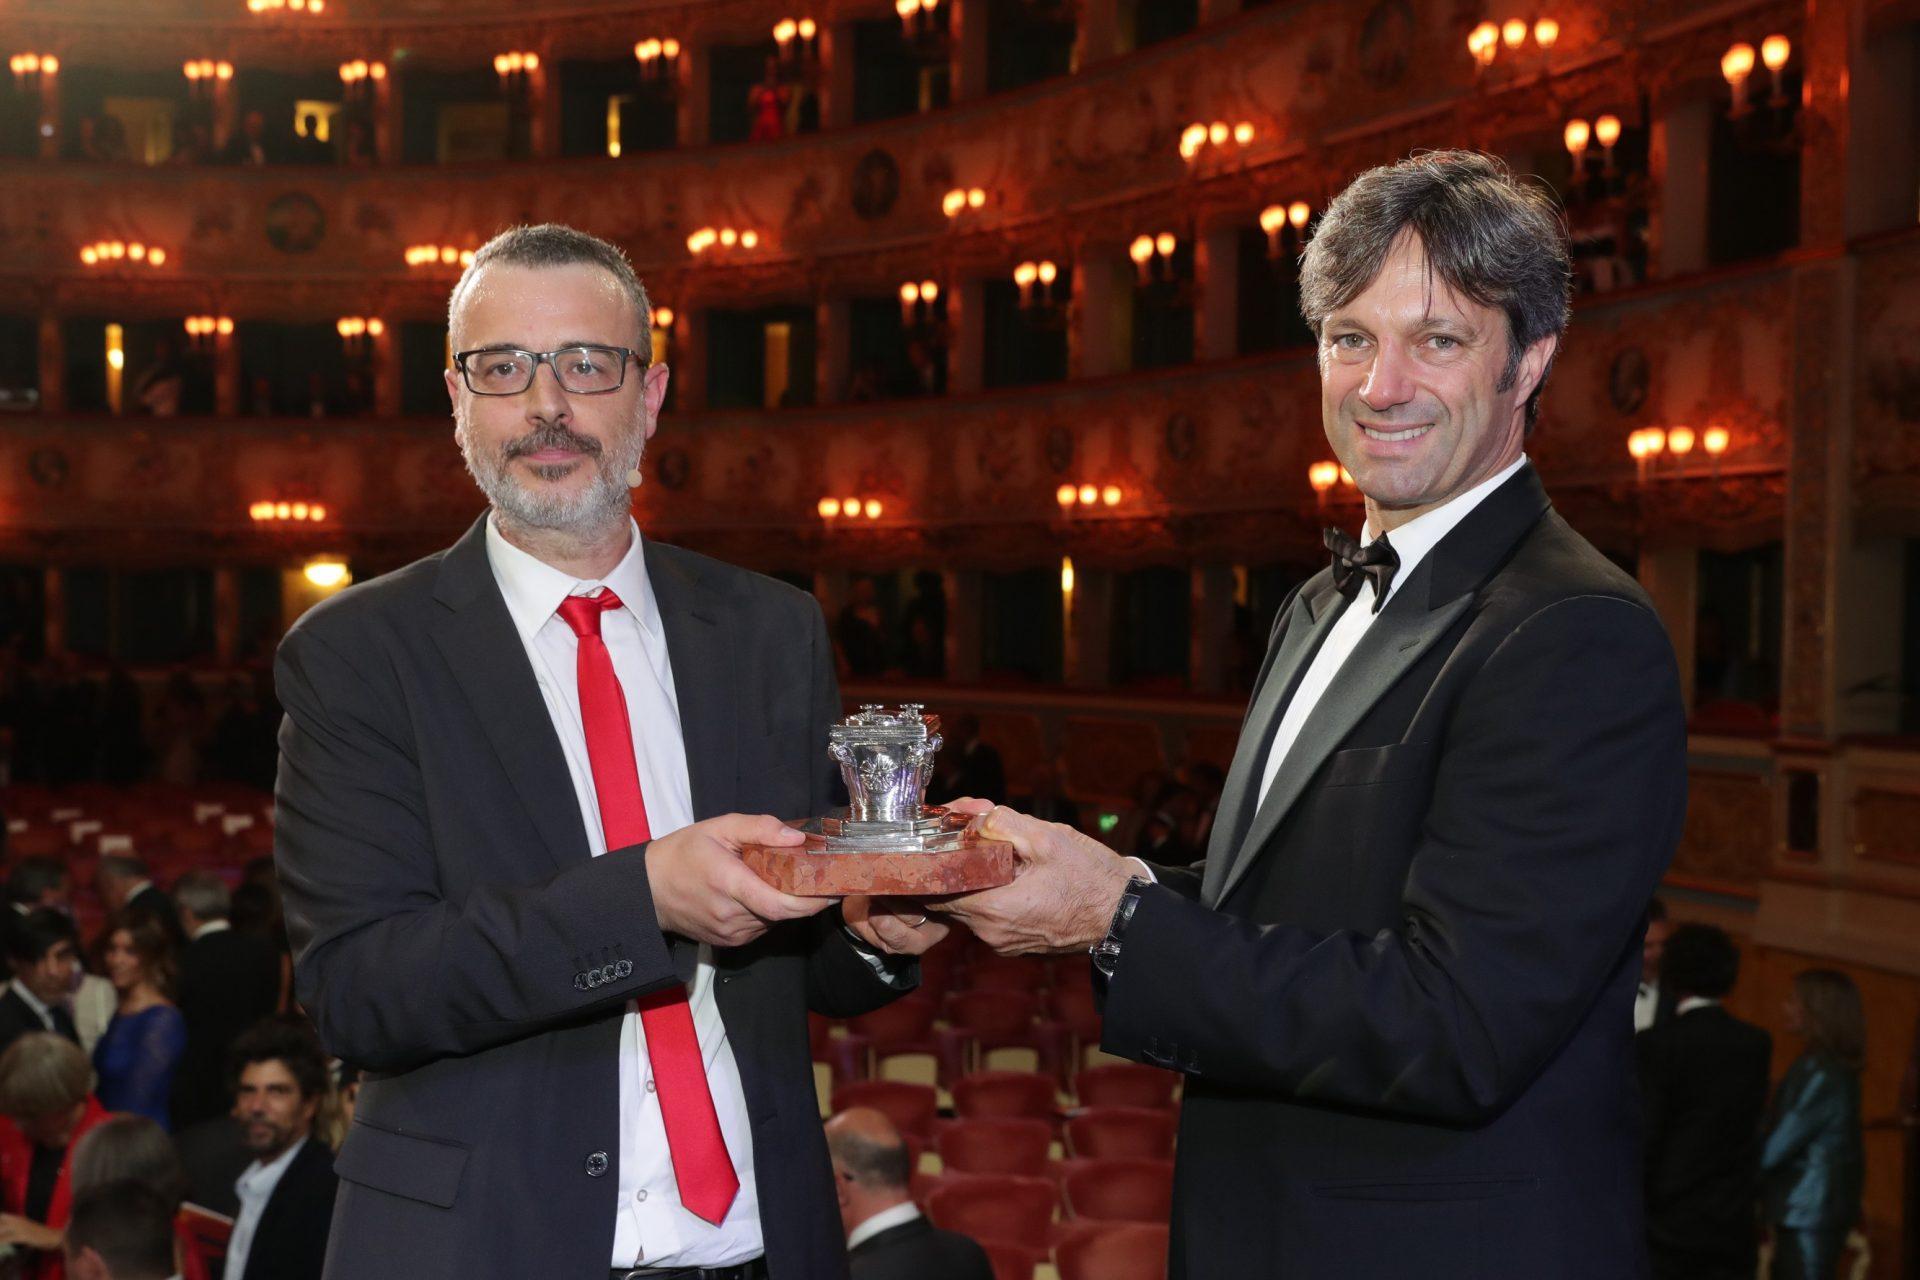 Andrea Tarabbia Matteo Zoppas Campiello 2019